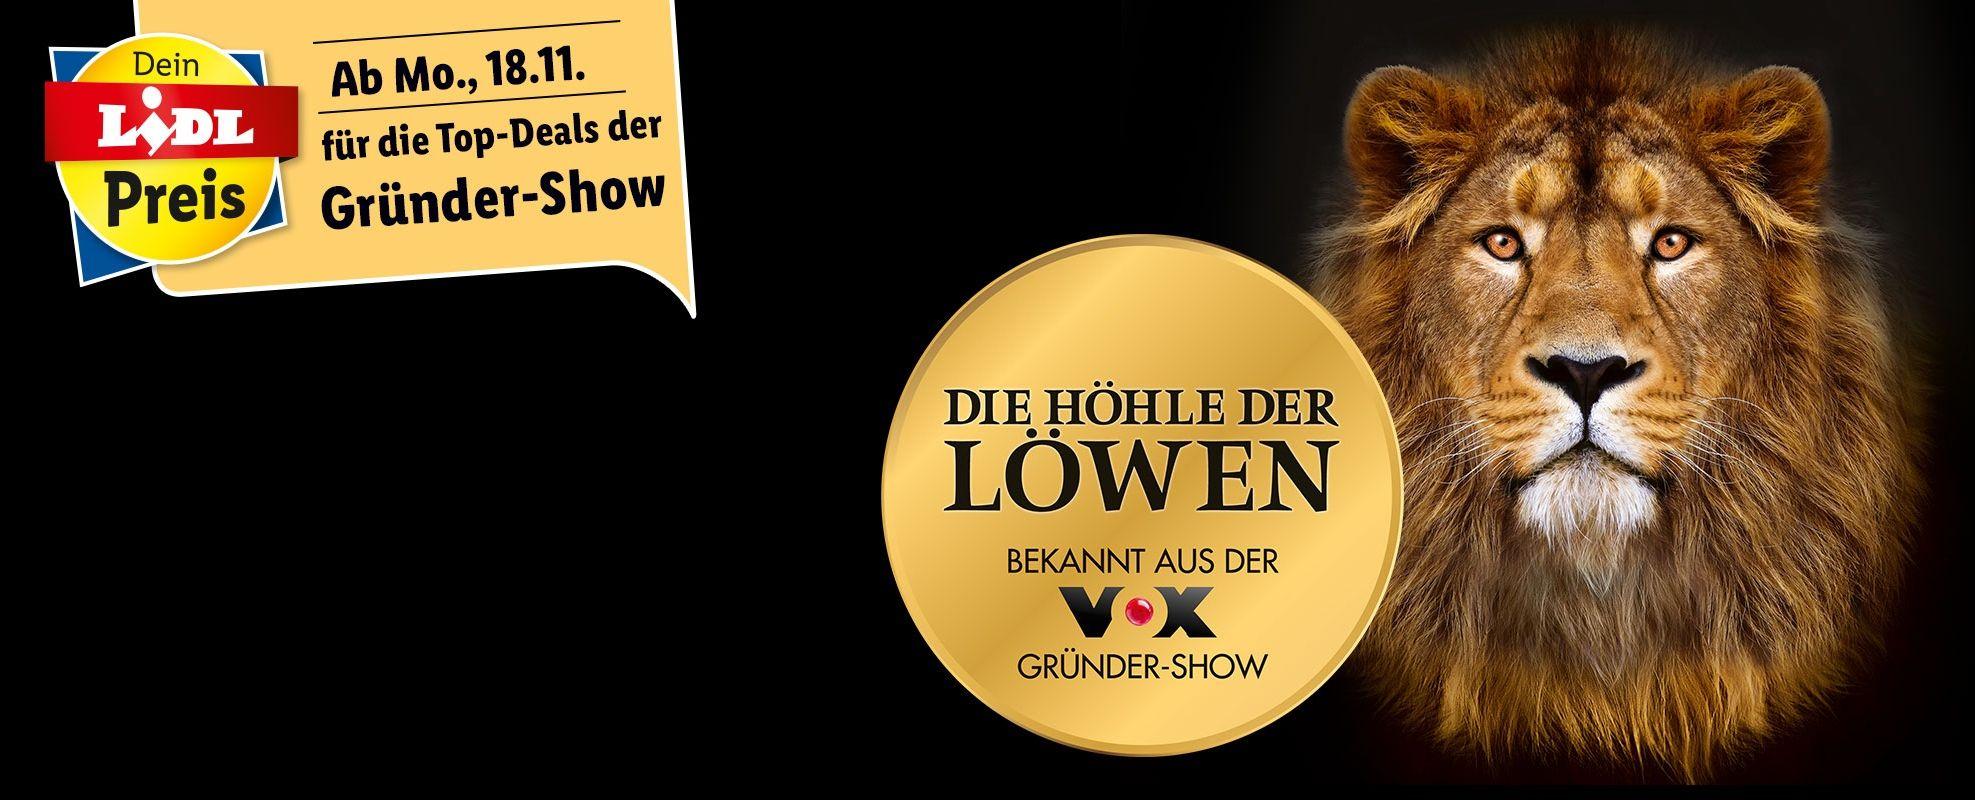 [Lidl offline/online] Die Höhle der Löwen - Top-Deals der Gründershow ab Montag, 18.11.